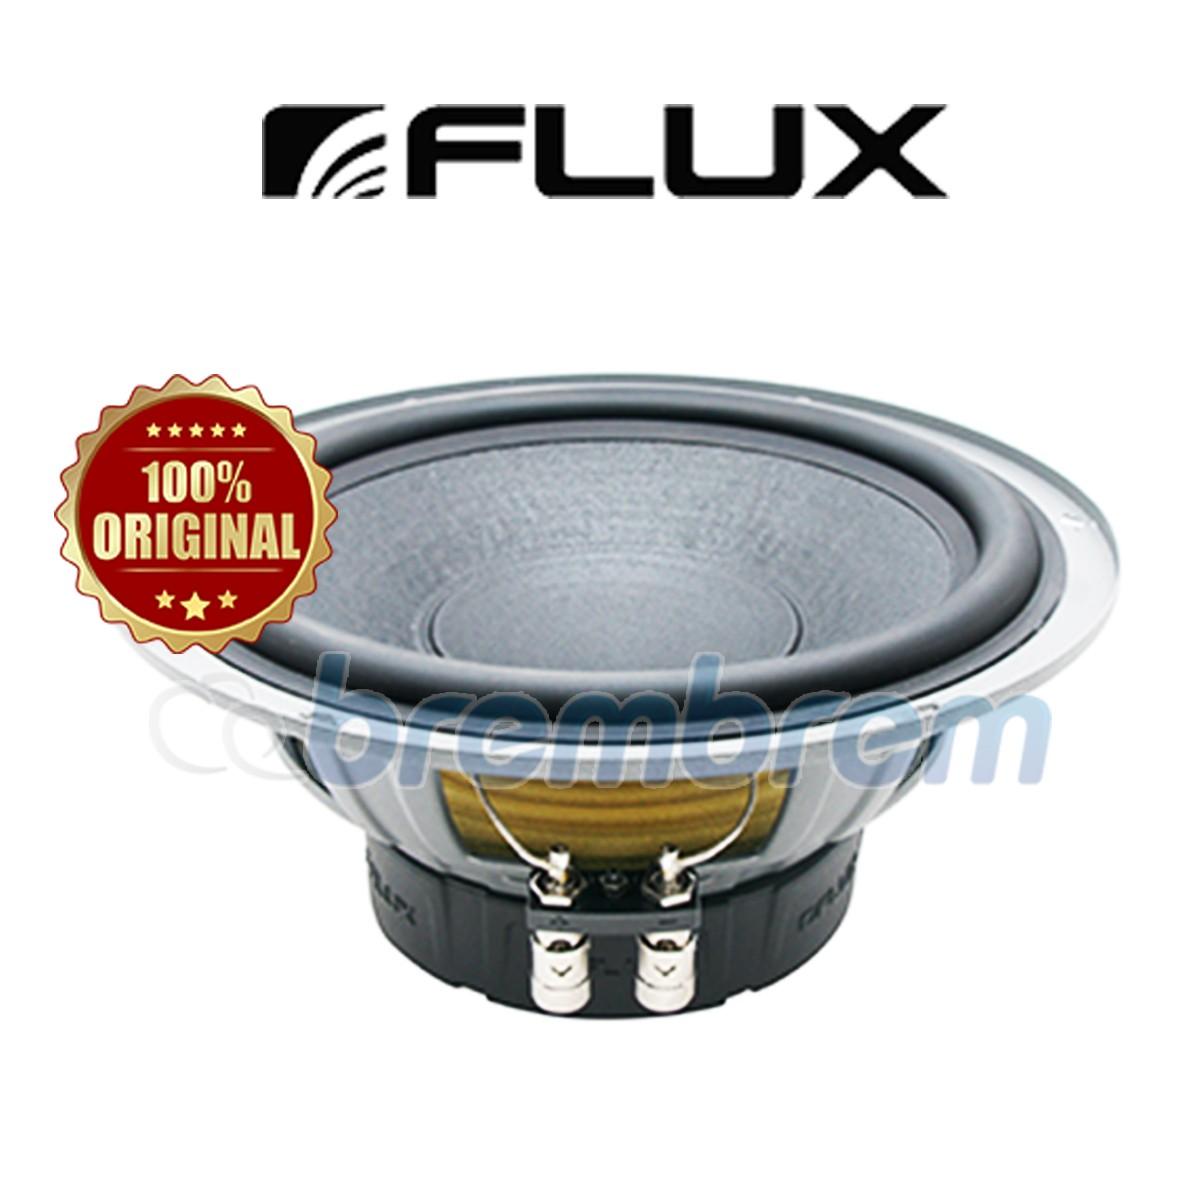 FLUX NEX 10.4 - SUBWOOFER PASIF